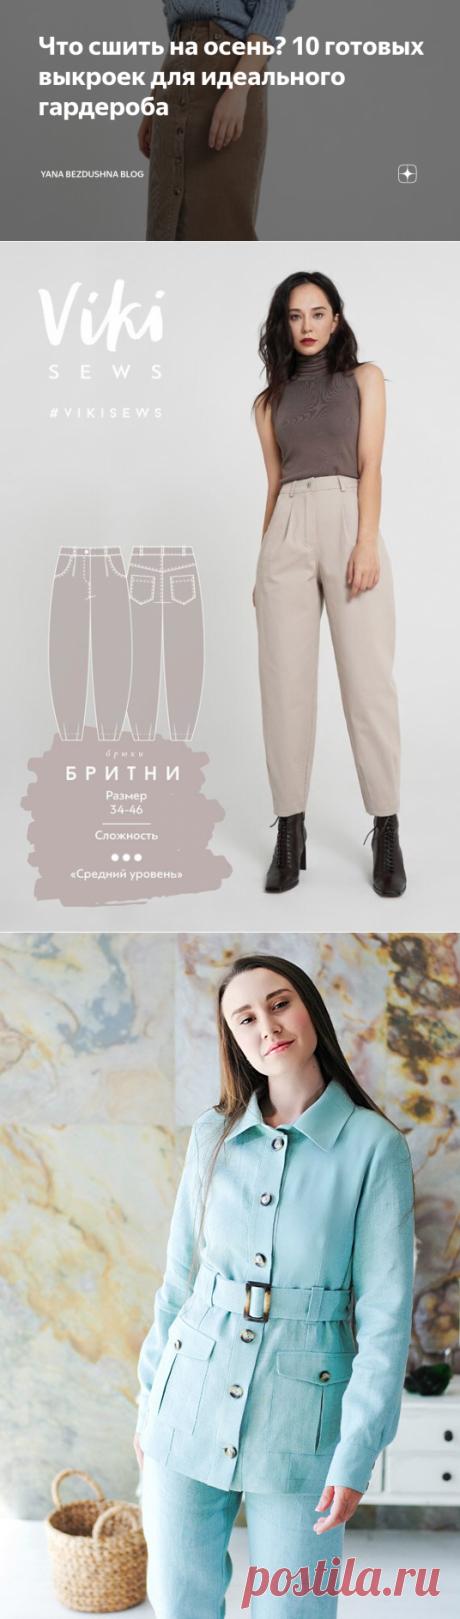 Что сшить на осень? 10 готовых выкроек для идеального гардероба | Yana Bezdushna Blog | Яндекс Дзен